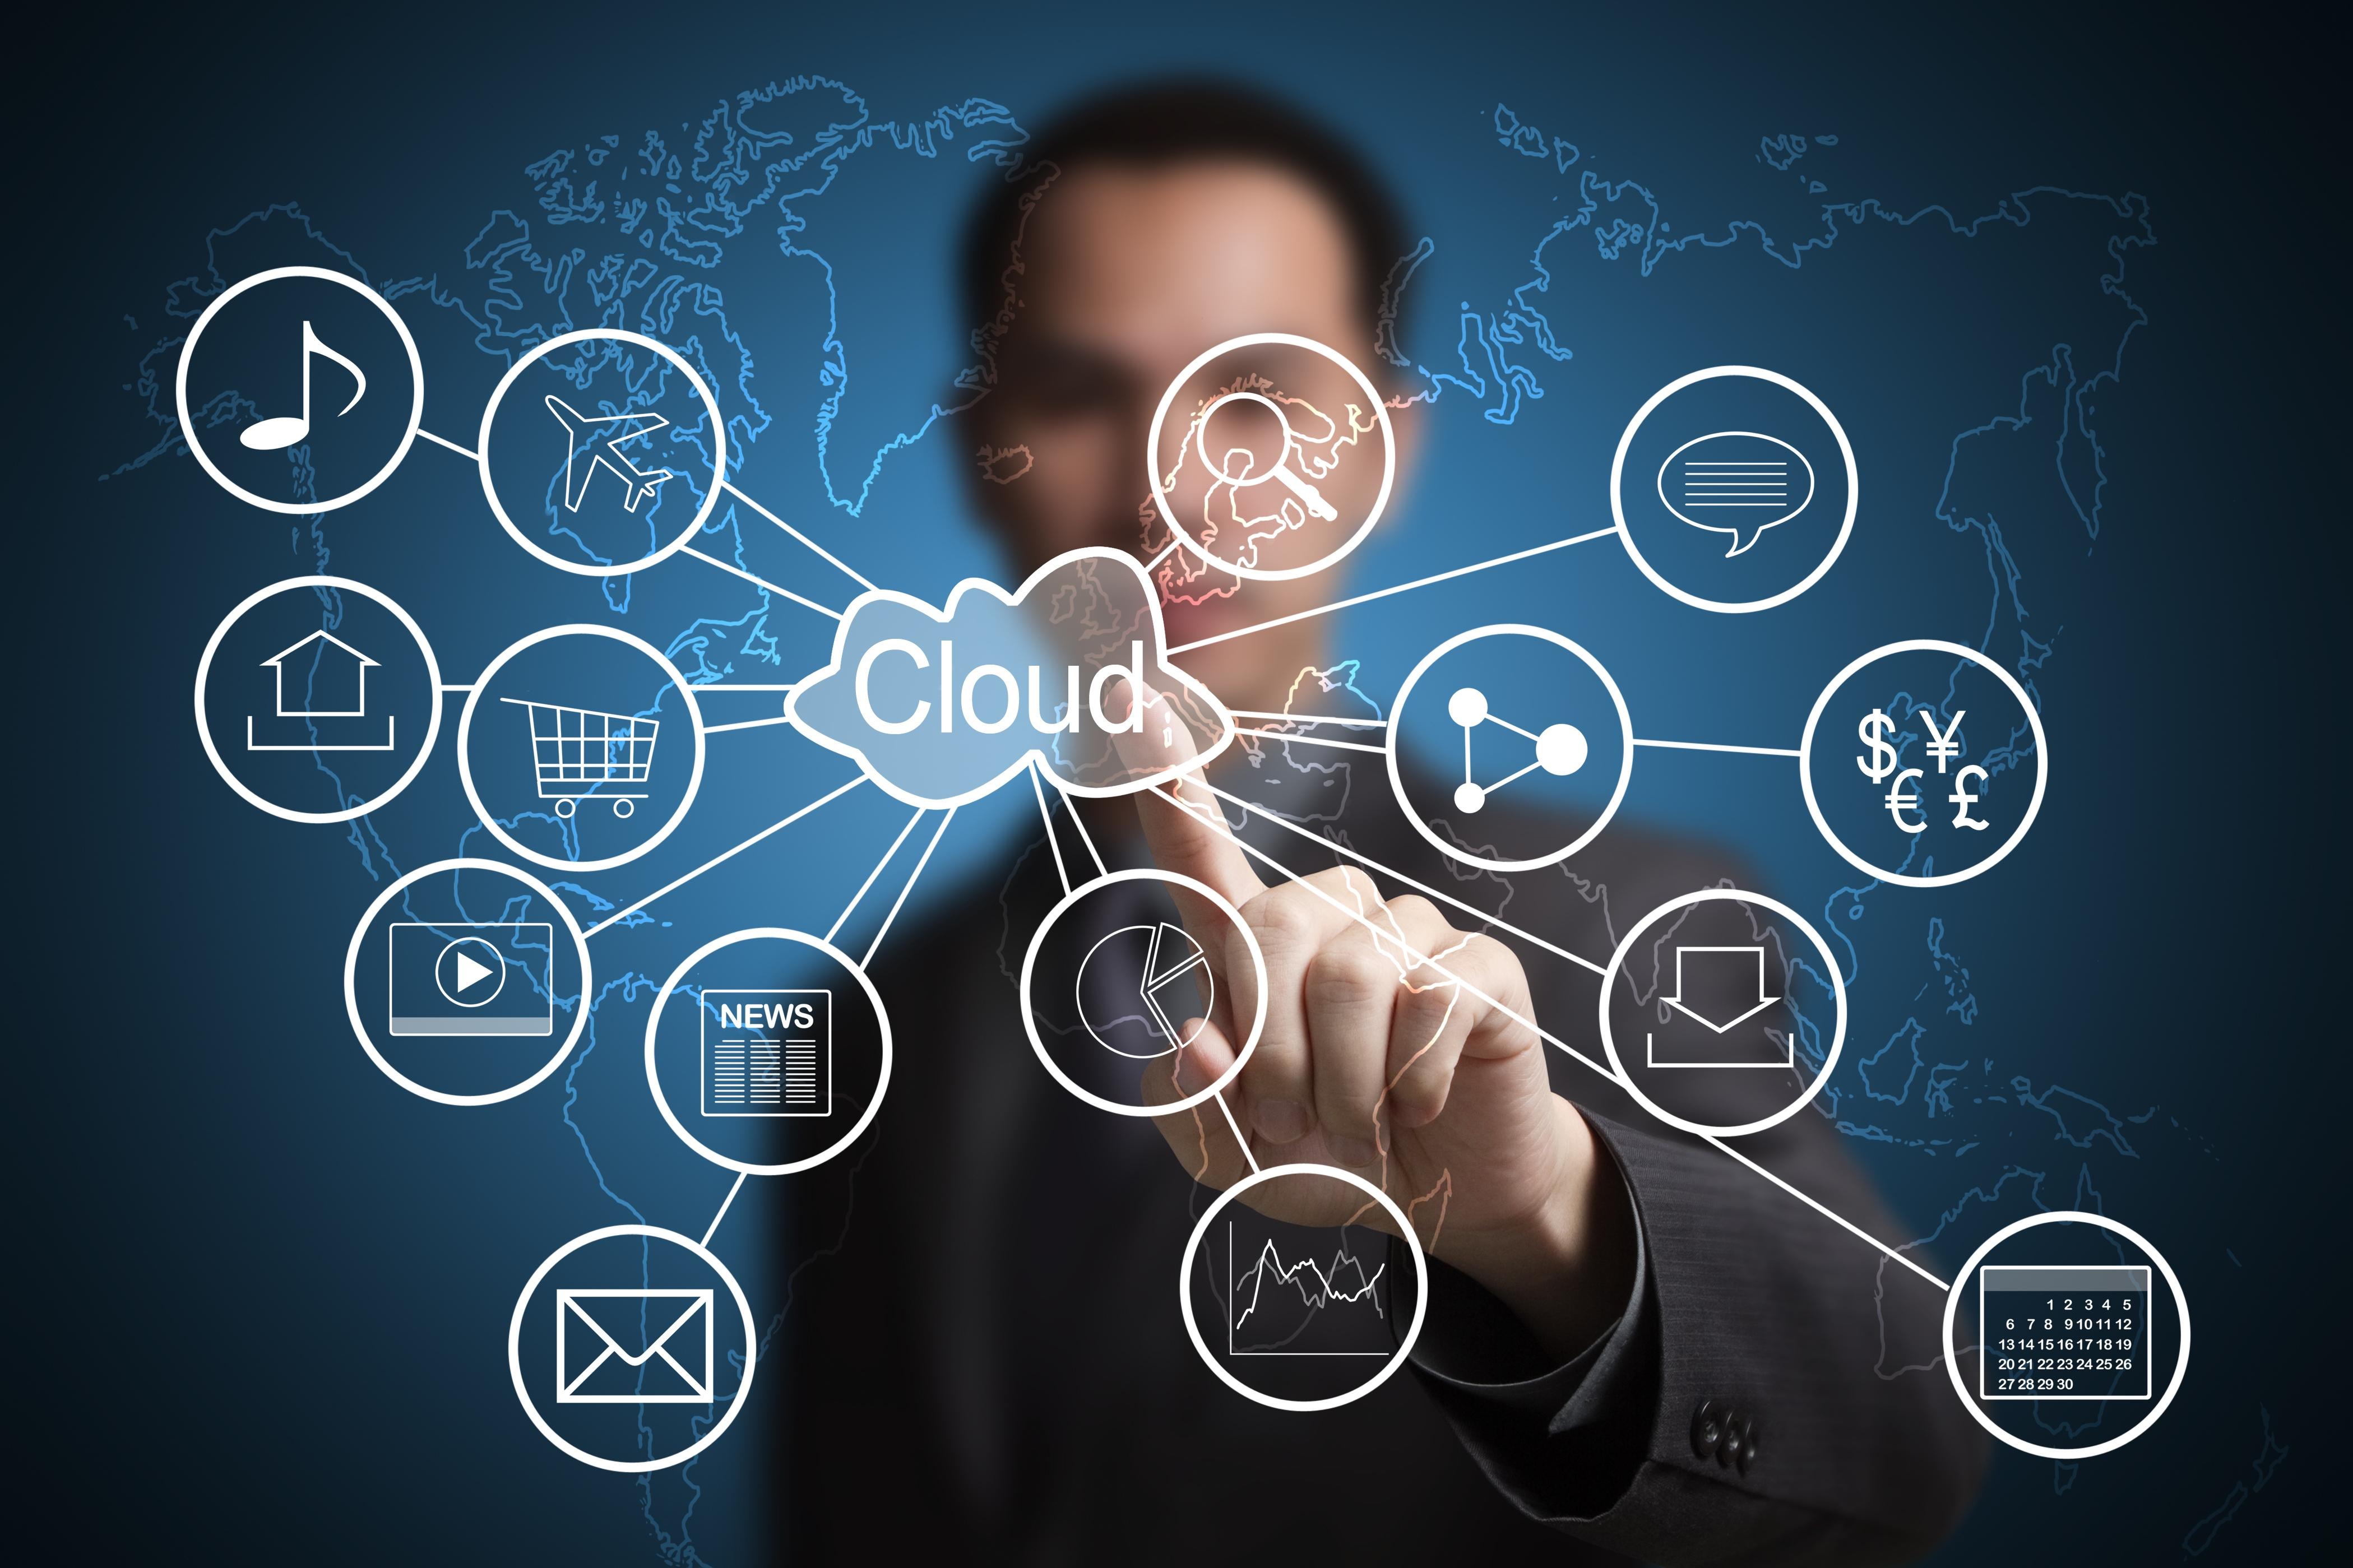 Ứng dụng điện toán đám mây trong quản trị nhân lực tại doanh nghiệp vừa và nhỏ